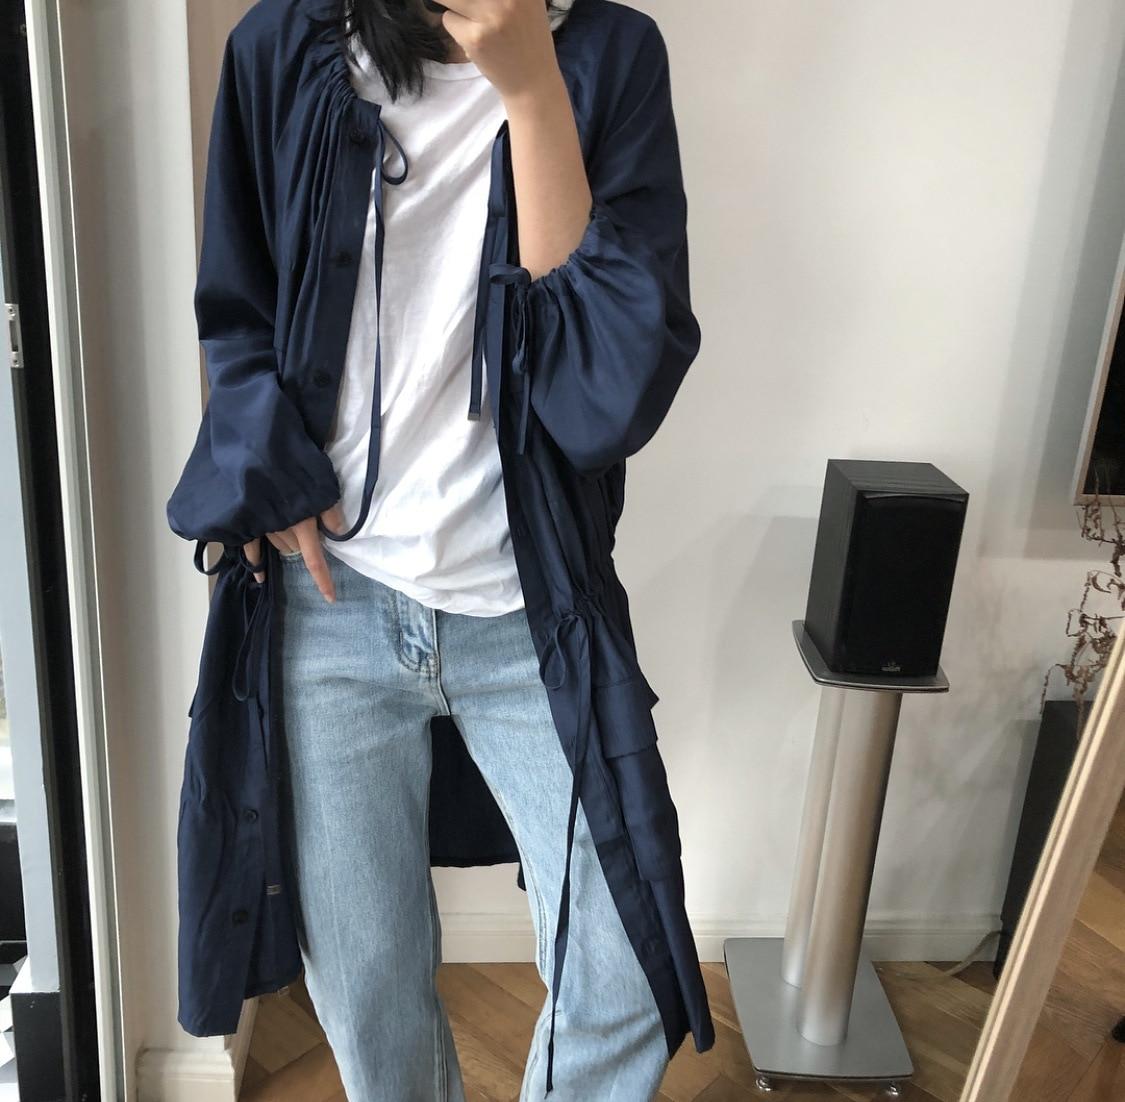 Plissée Femmes Nouvelle Vêtements Wc88918 Draswtring Dentelle 2019 Mode Purplish Lanmrem Blue Poitrine Up Coréenne Femelle Unique Mince Winbreaker IwXB0